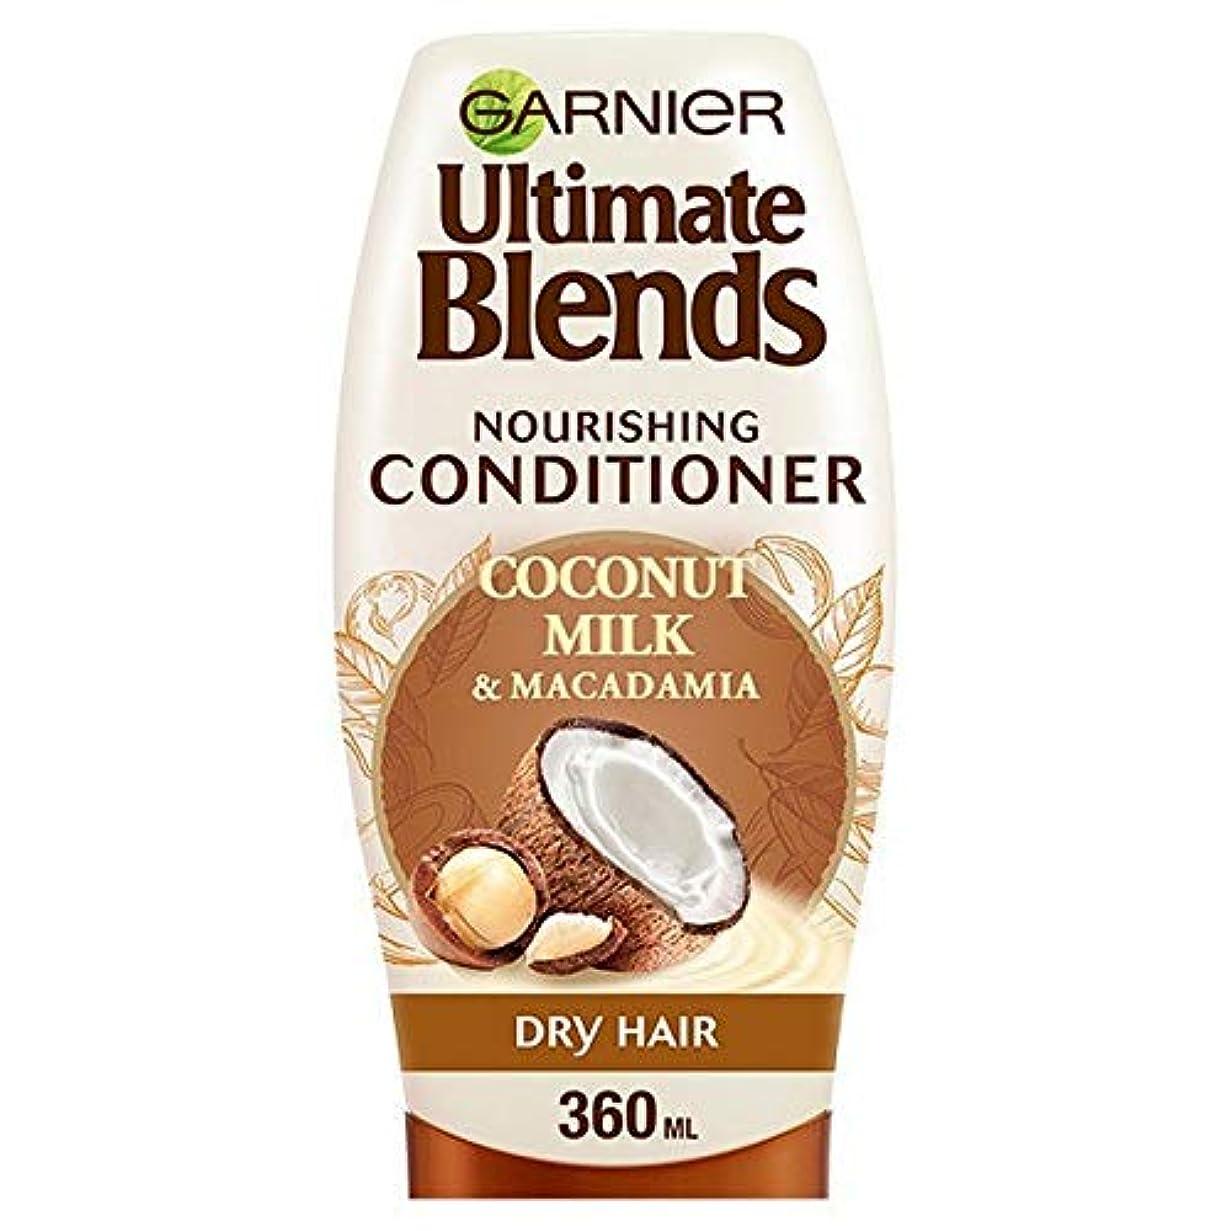 全能優れた能力[Garnier ] 究極のブレンドココナッツミルクドライヘアコンディショナー360ミリリットル - Ultimate Blends Coconut Milk Dry Hair Conditioner 360ml [並行輸入品]